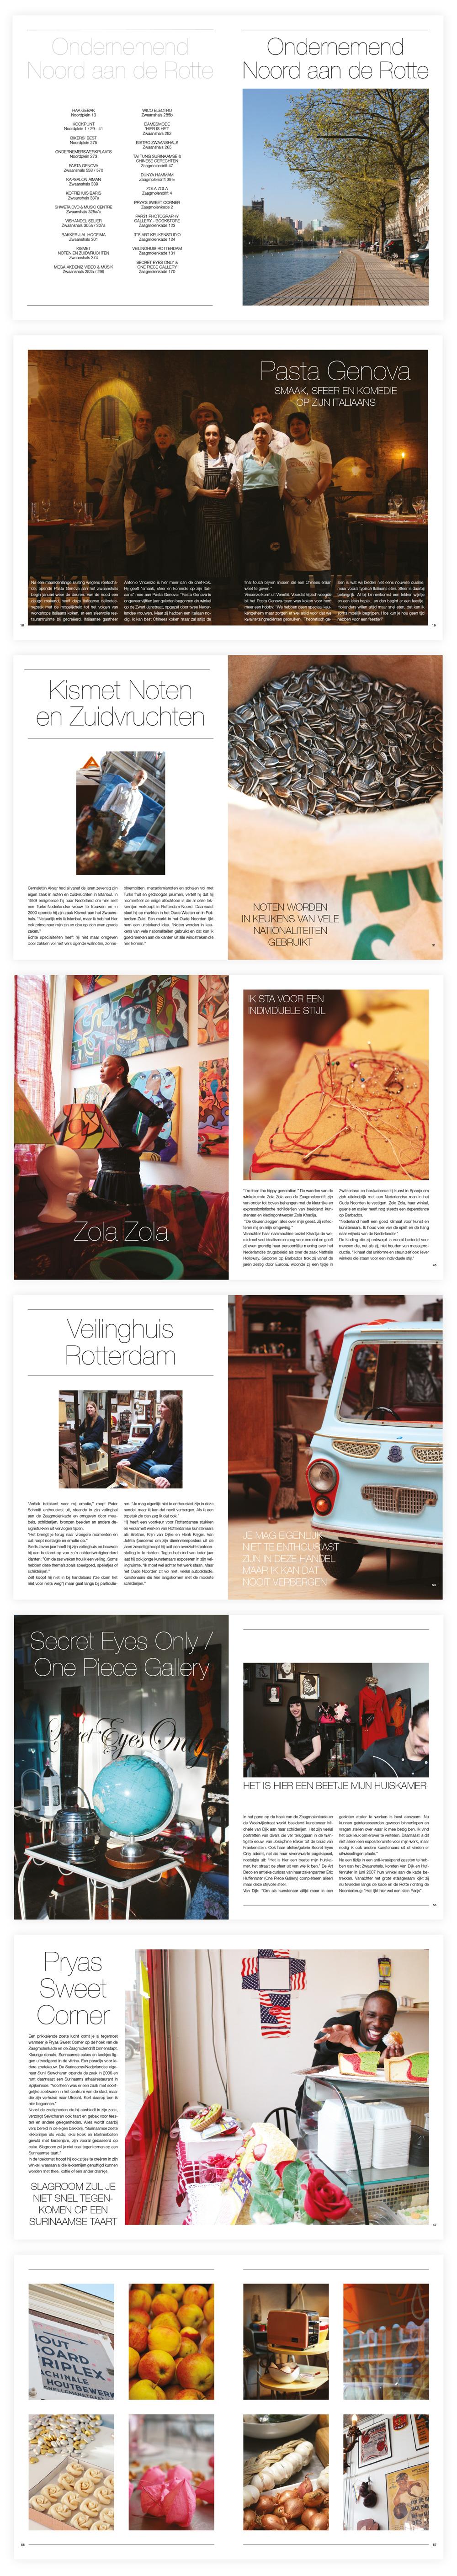 boek ontwerp Havensteder com-wonen rotterdam grafisch ontwerp